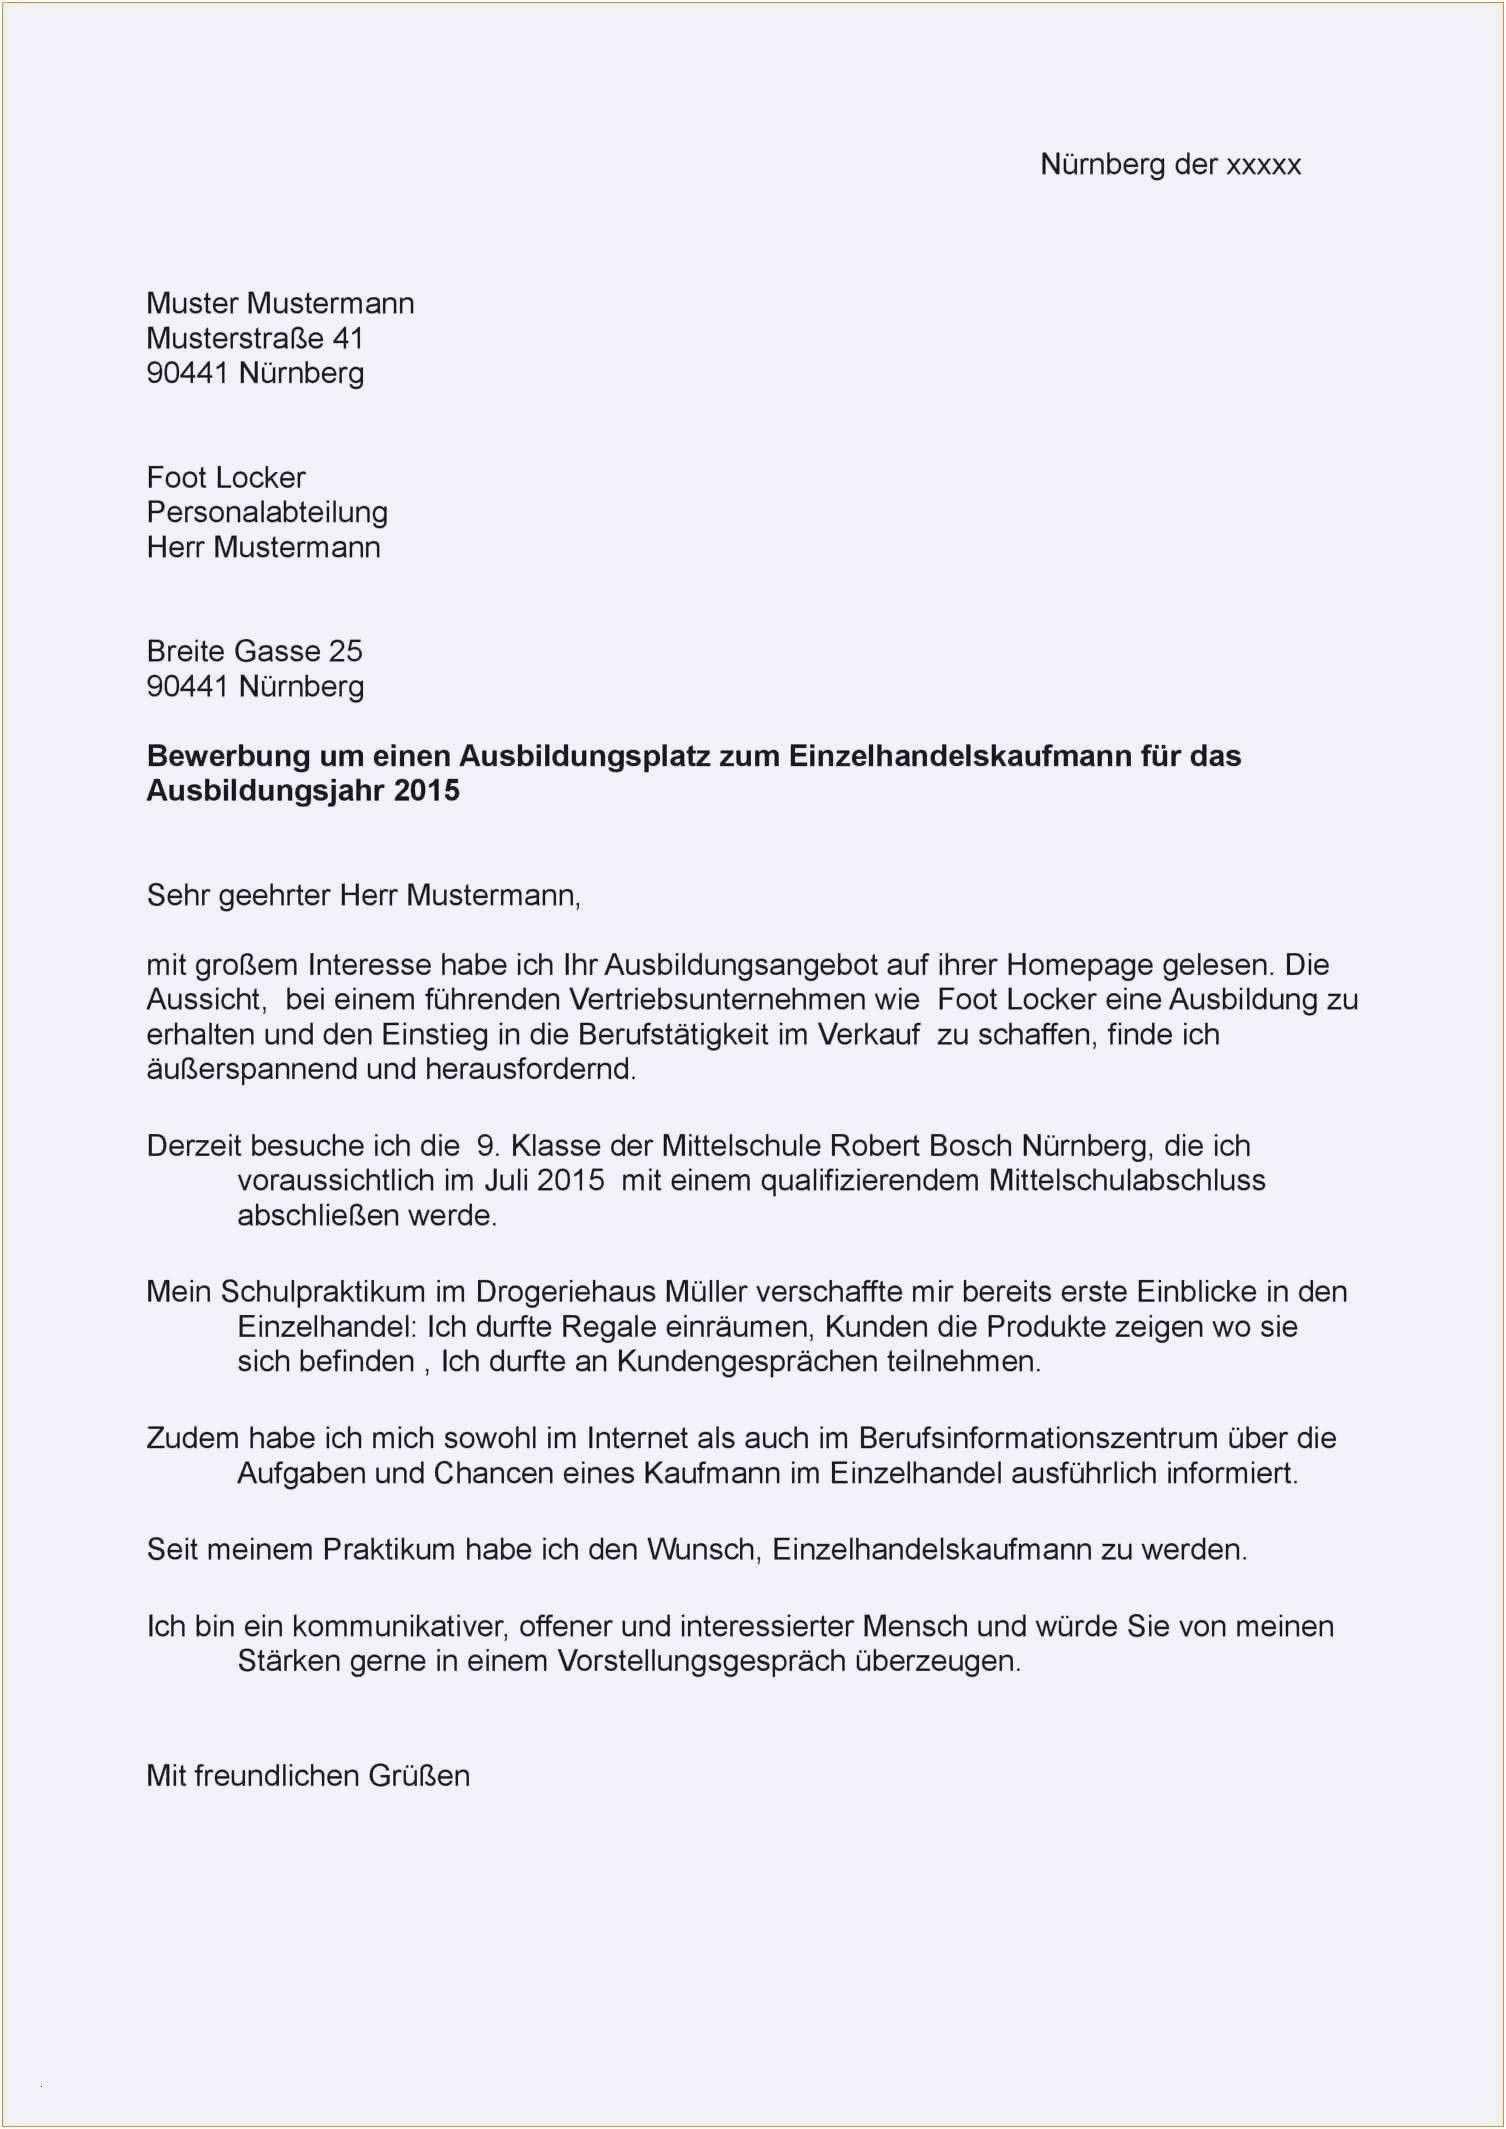 Pin Von Kheddyz Auf 2020 In 2020 Lebenslauf Bewerbungsschreiben Bewerbung Schreiben